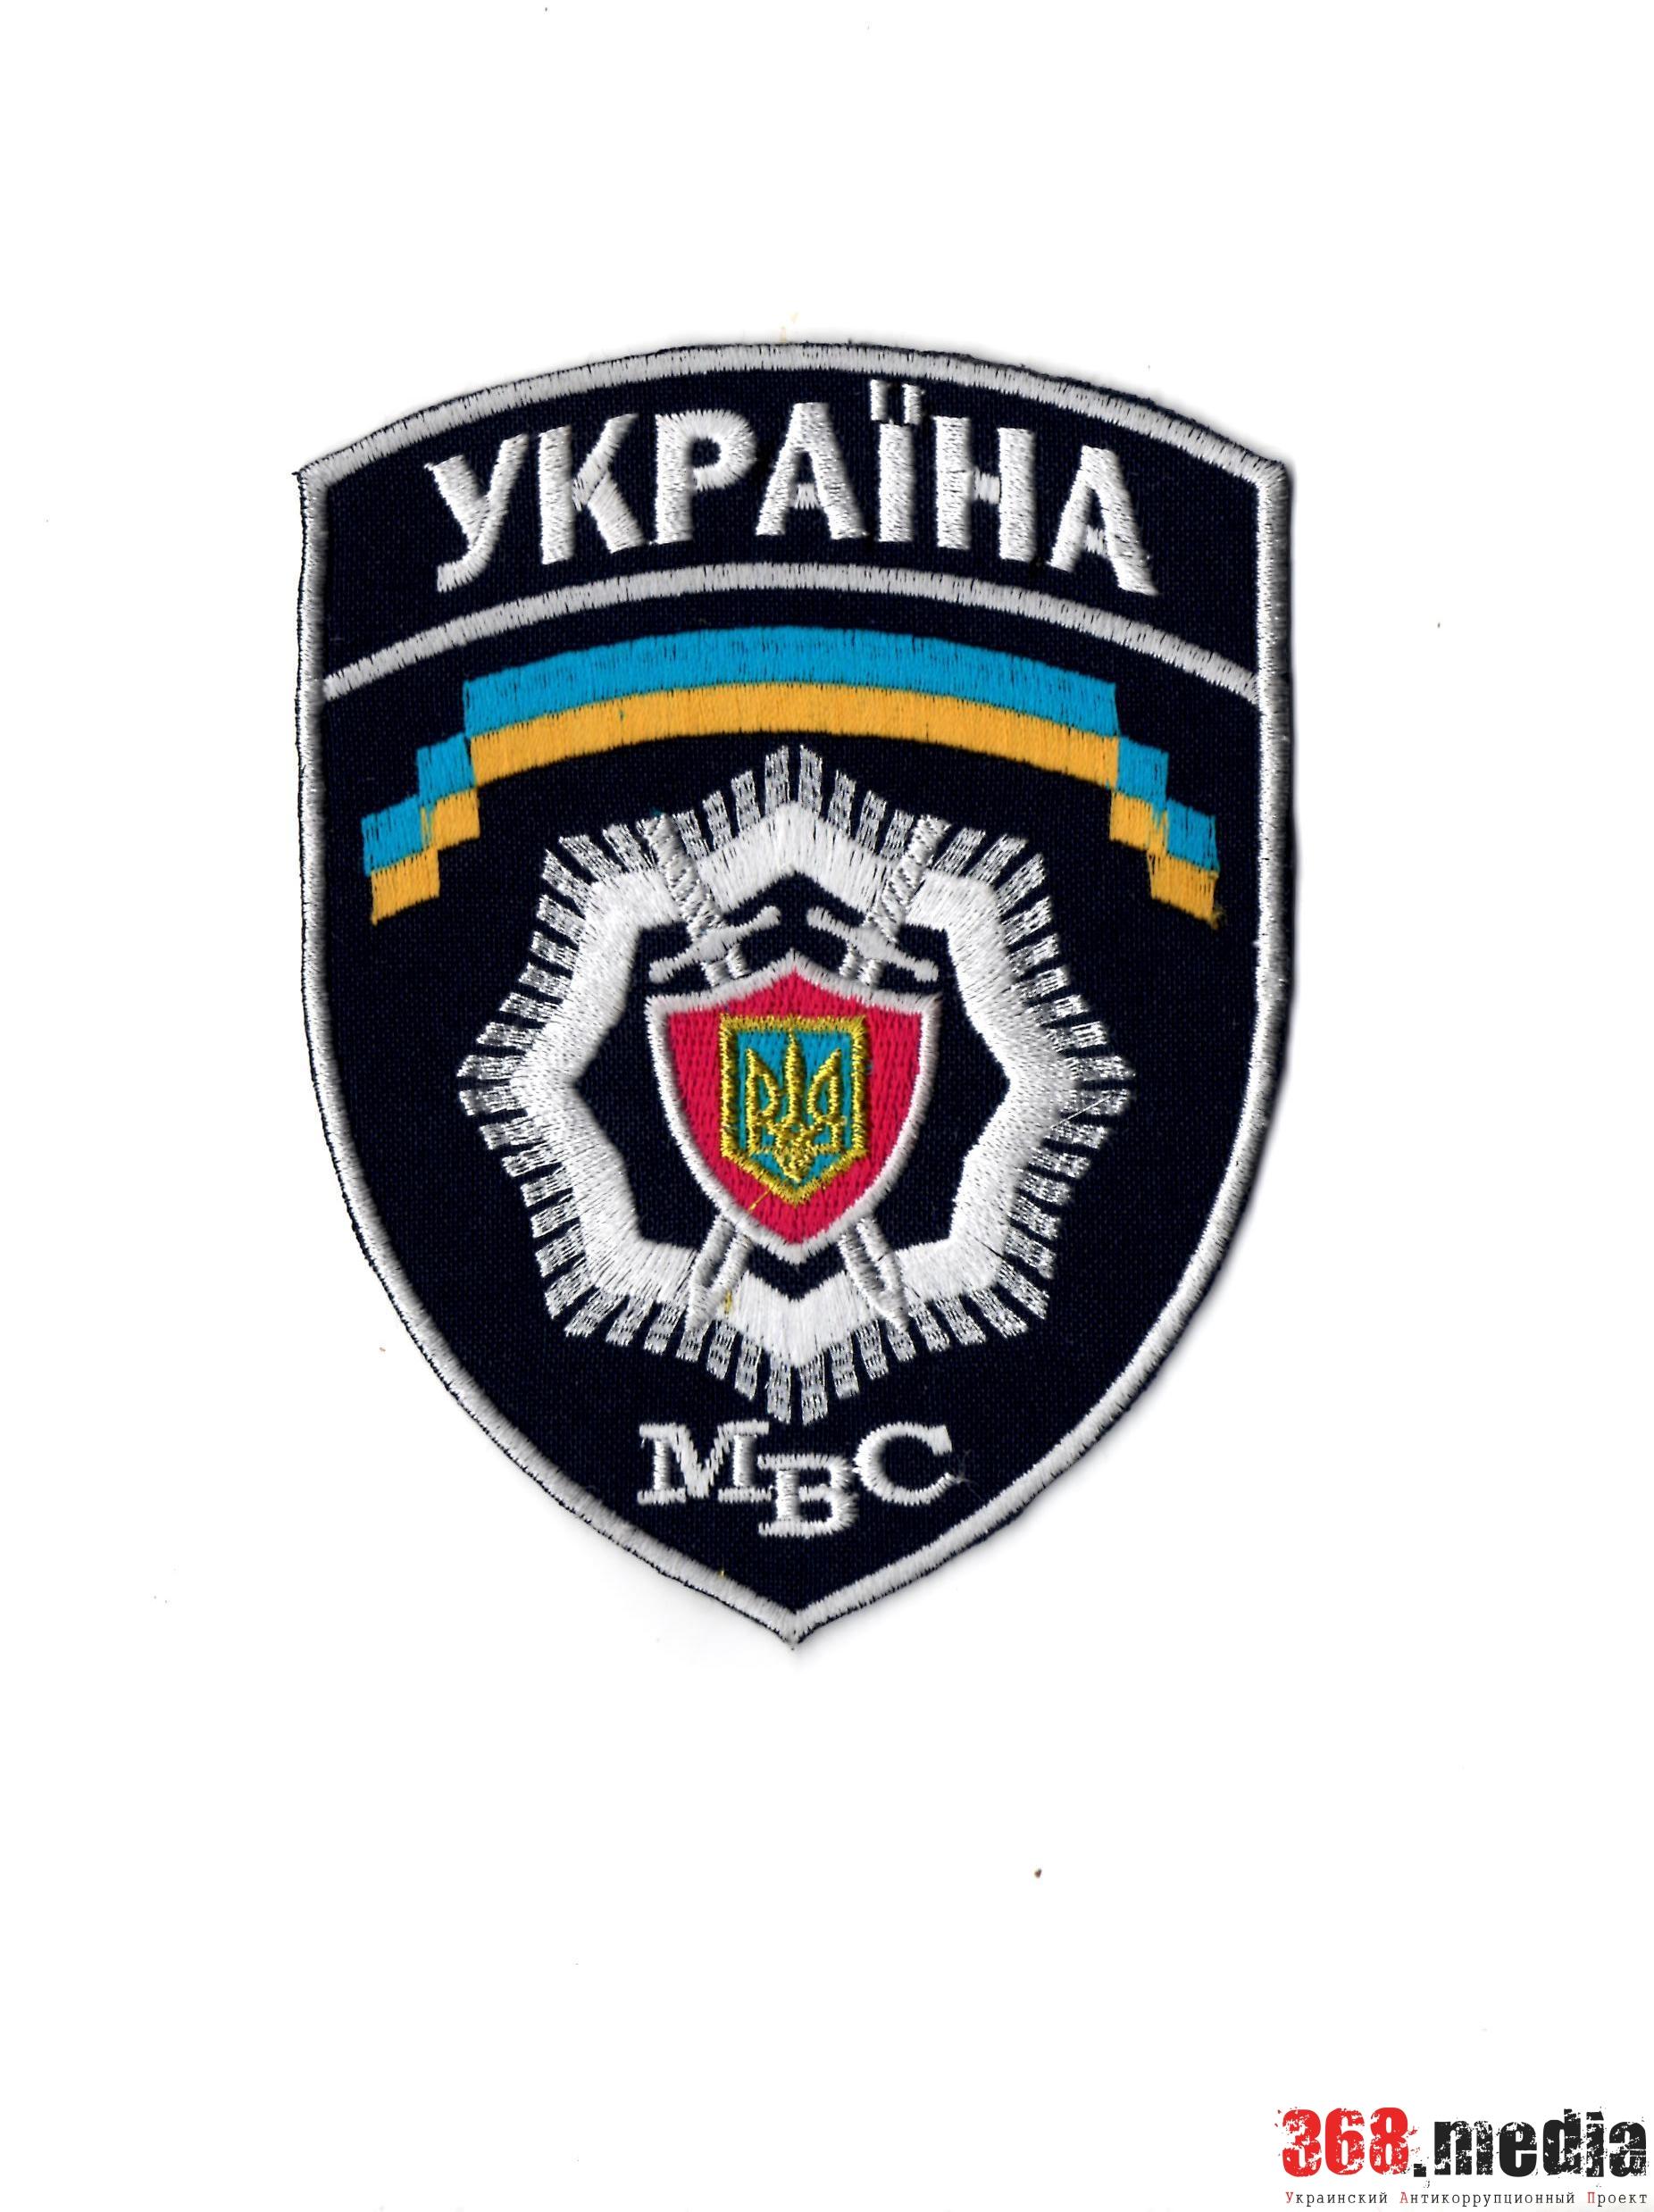 Донецкая полиция обвиняет экс-милиционера в убийстве налоговика